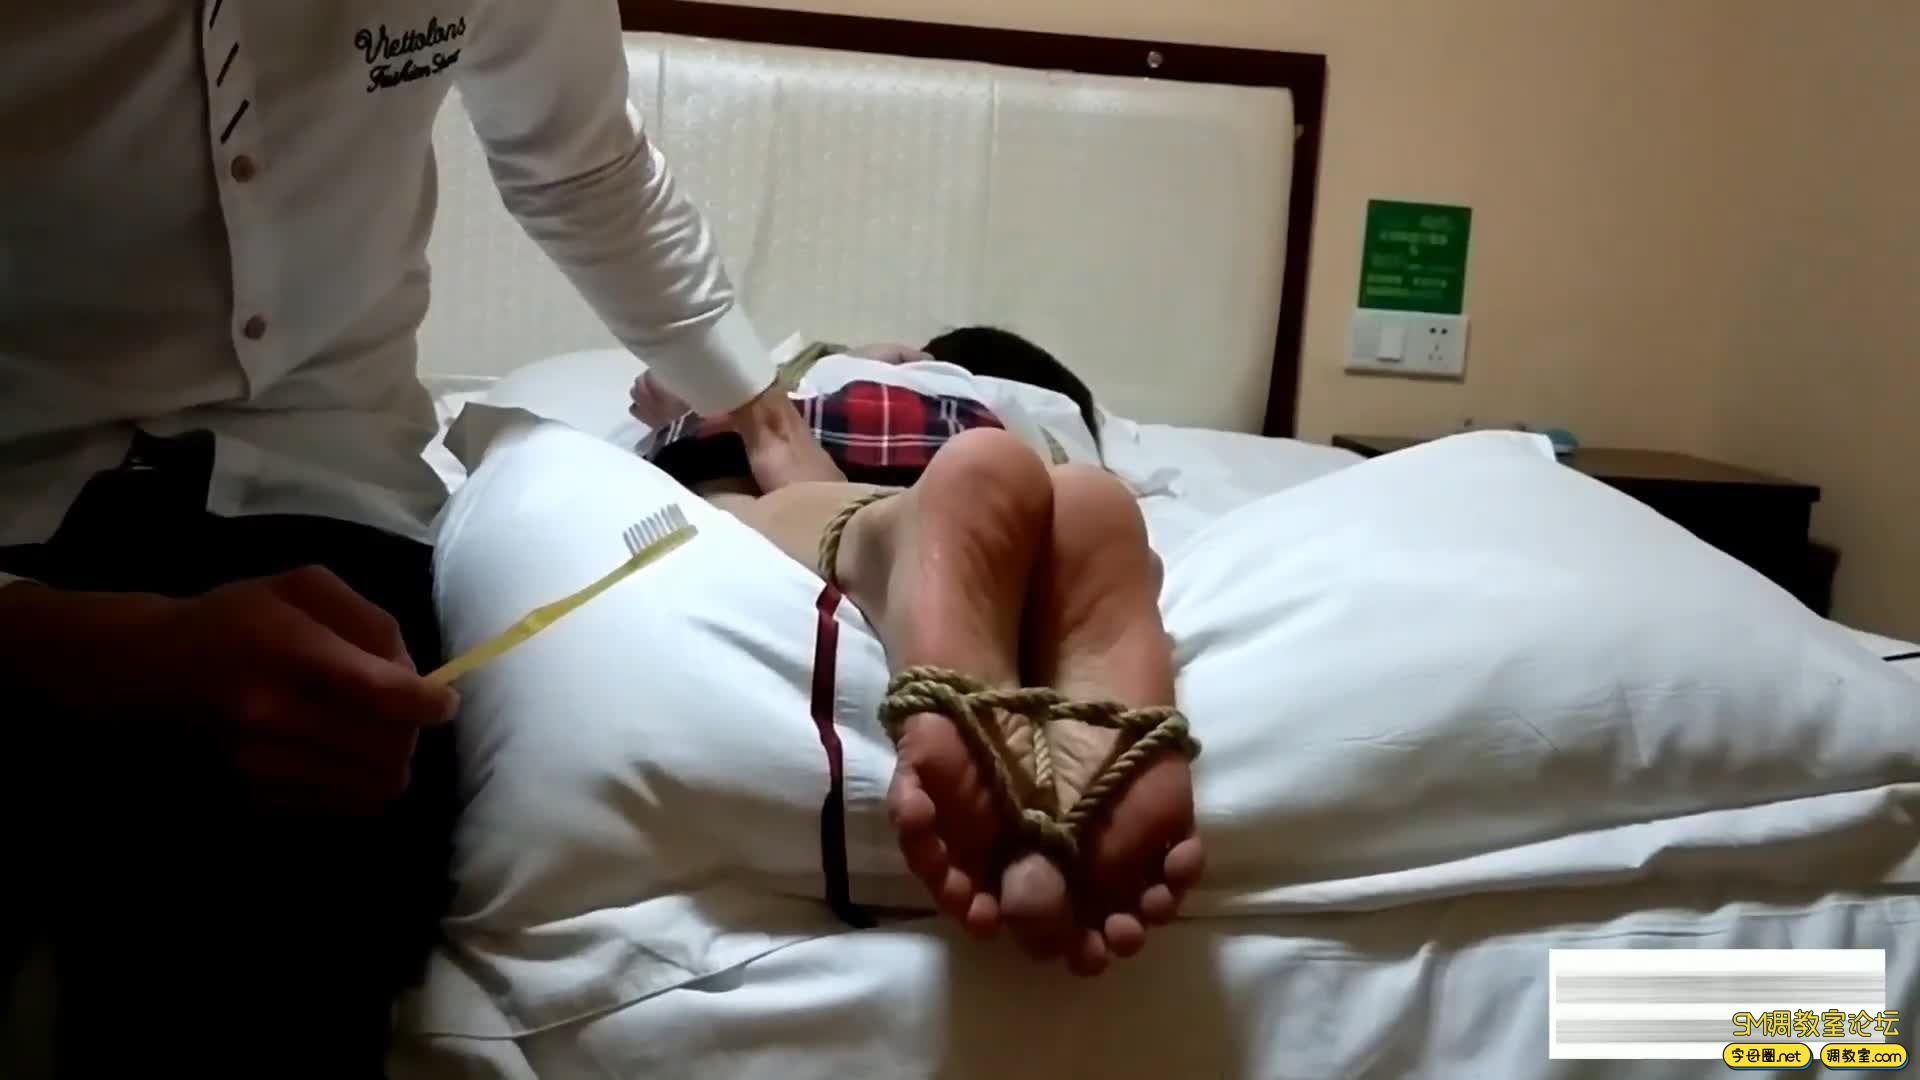 嗷大喵工作室_挠脚心的折磨 第六集-视频截图5